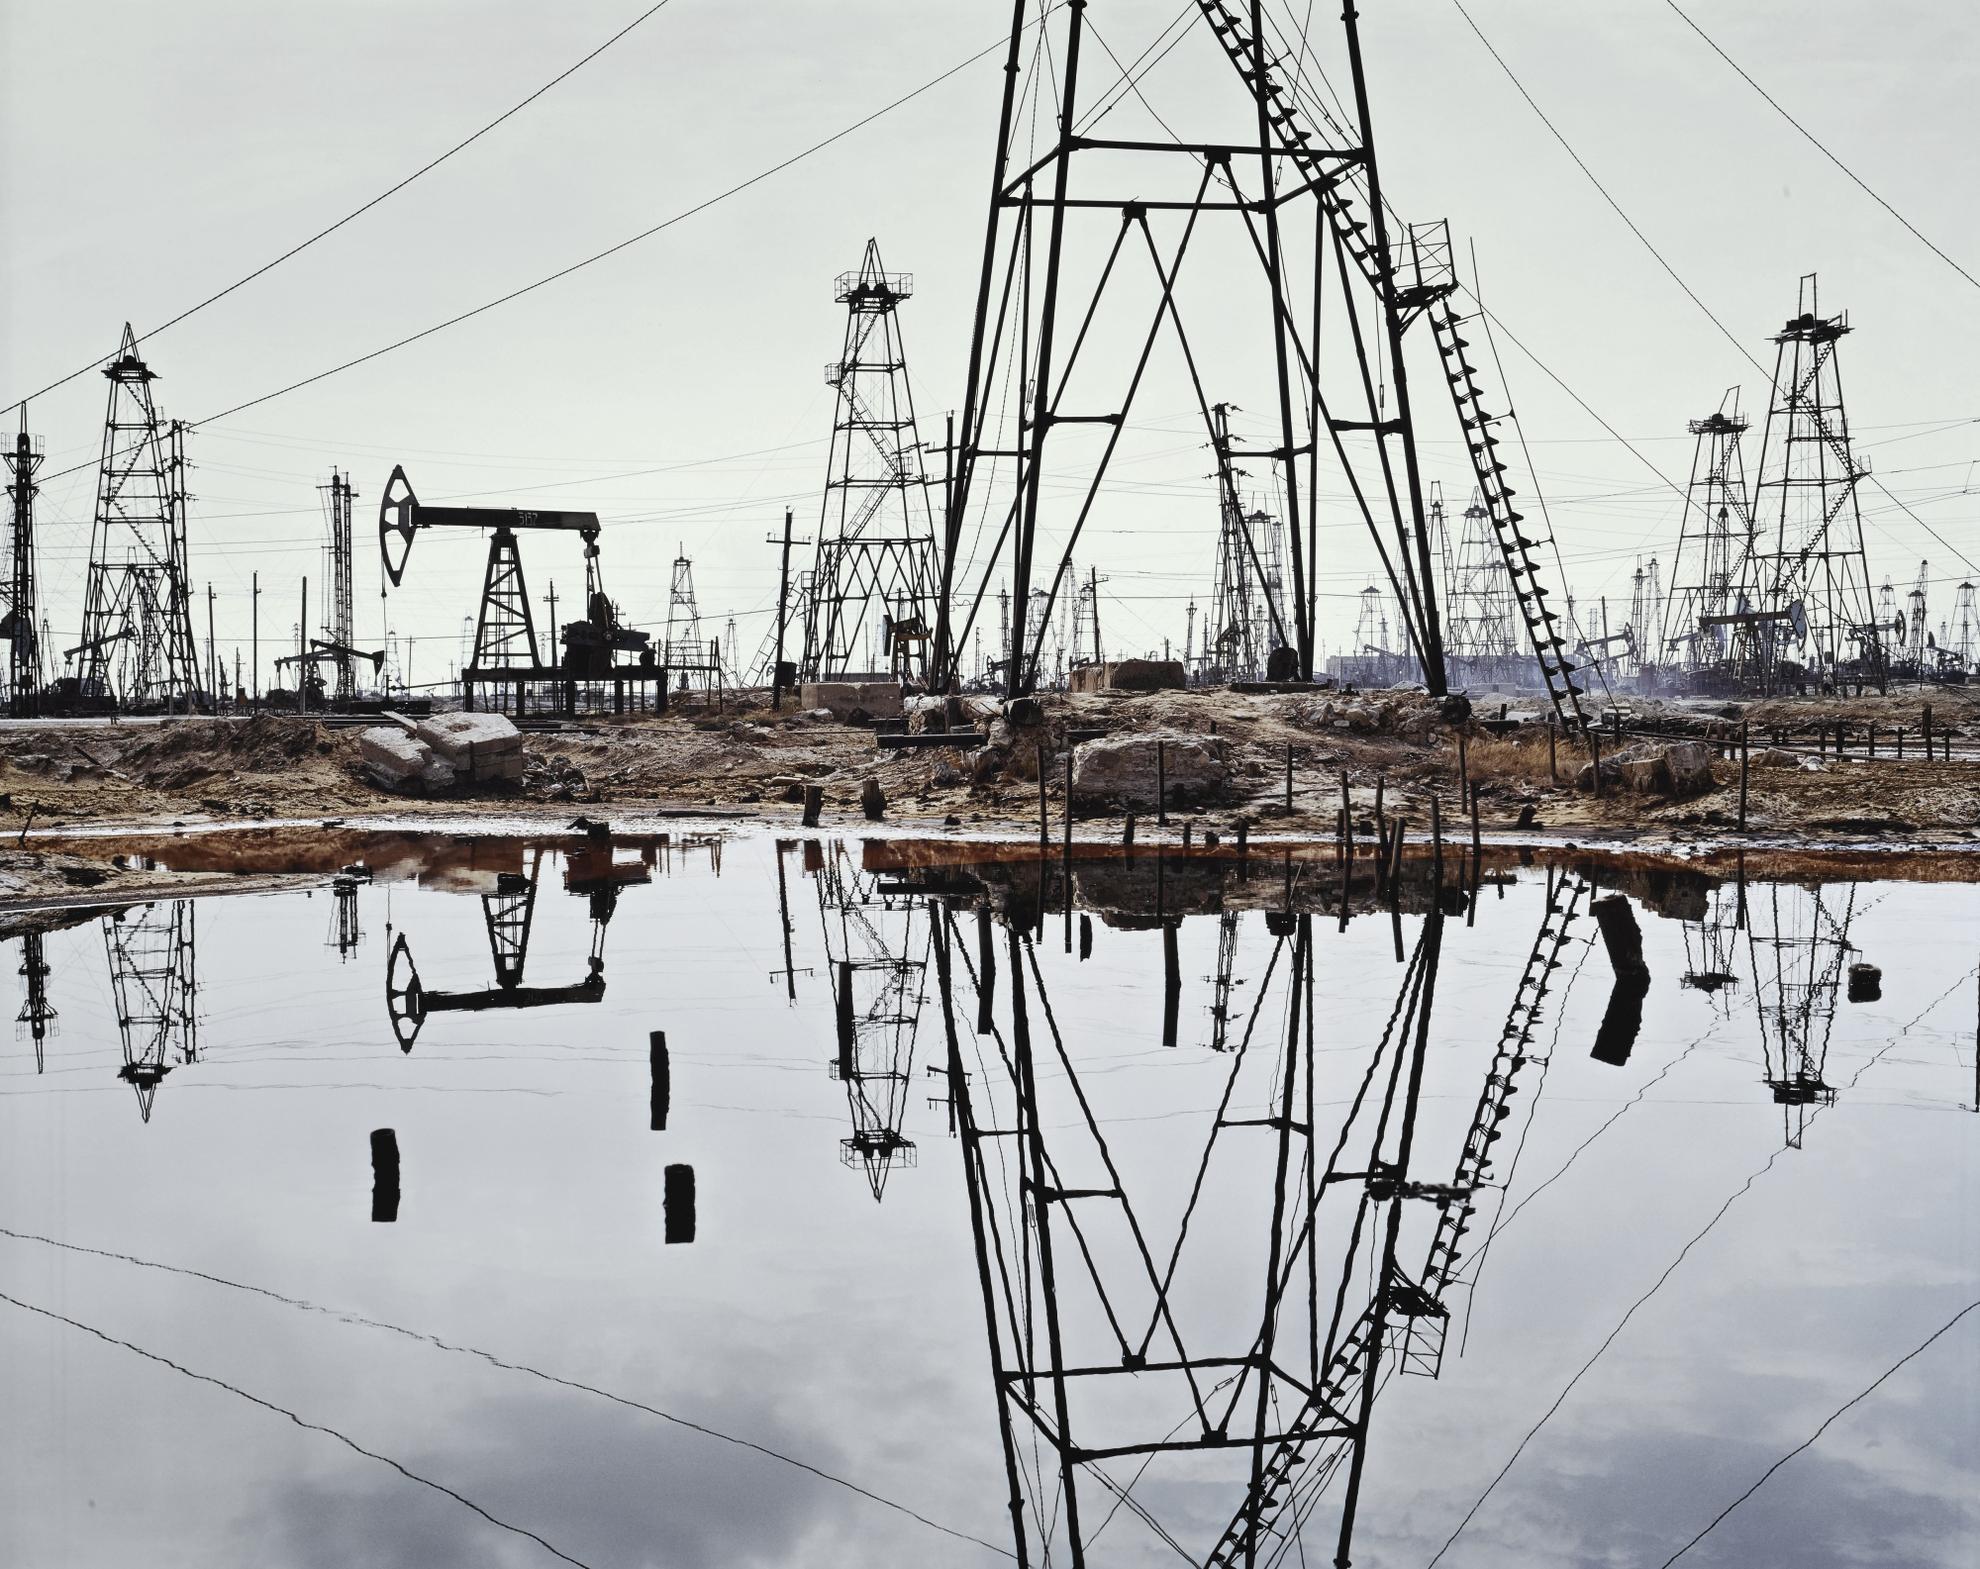 Edward Burtynsky-Socar Oil Fields #3, Baku, Azerbaijan-2006